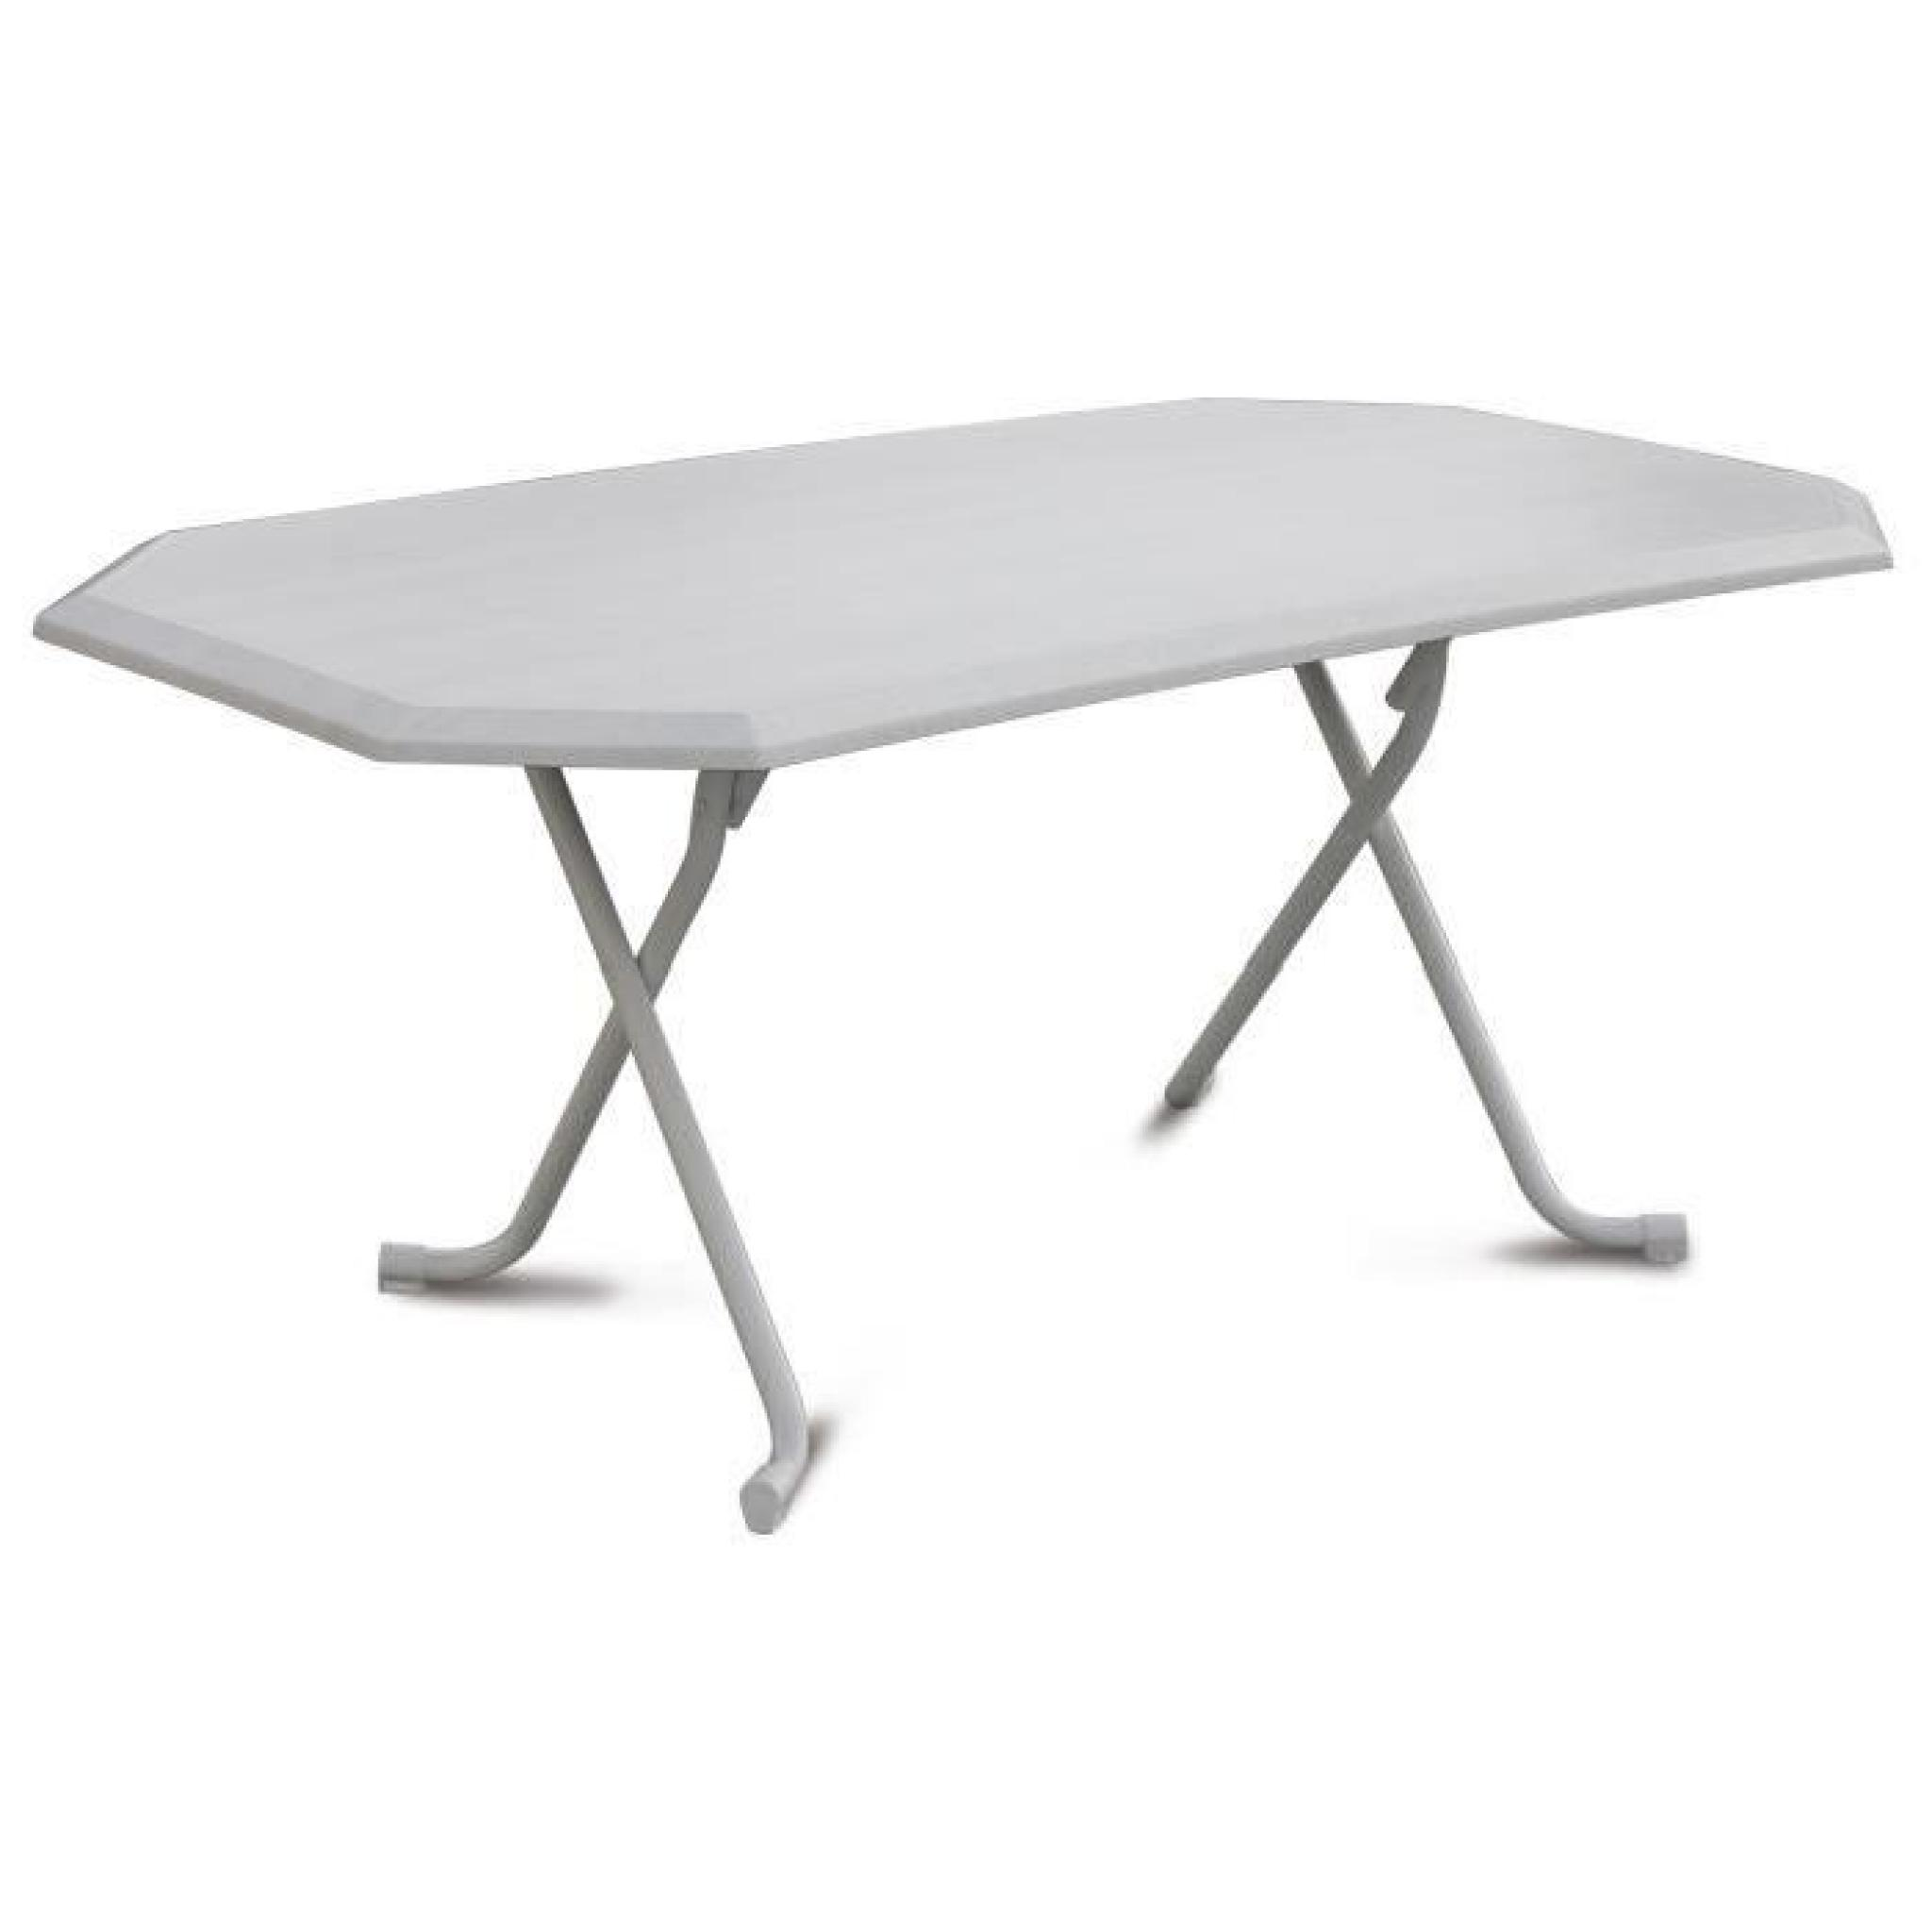 Table pliante 6 personnes 165 x 95 x 71 cm cm d cor marbre for Table 6 personnes